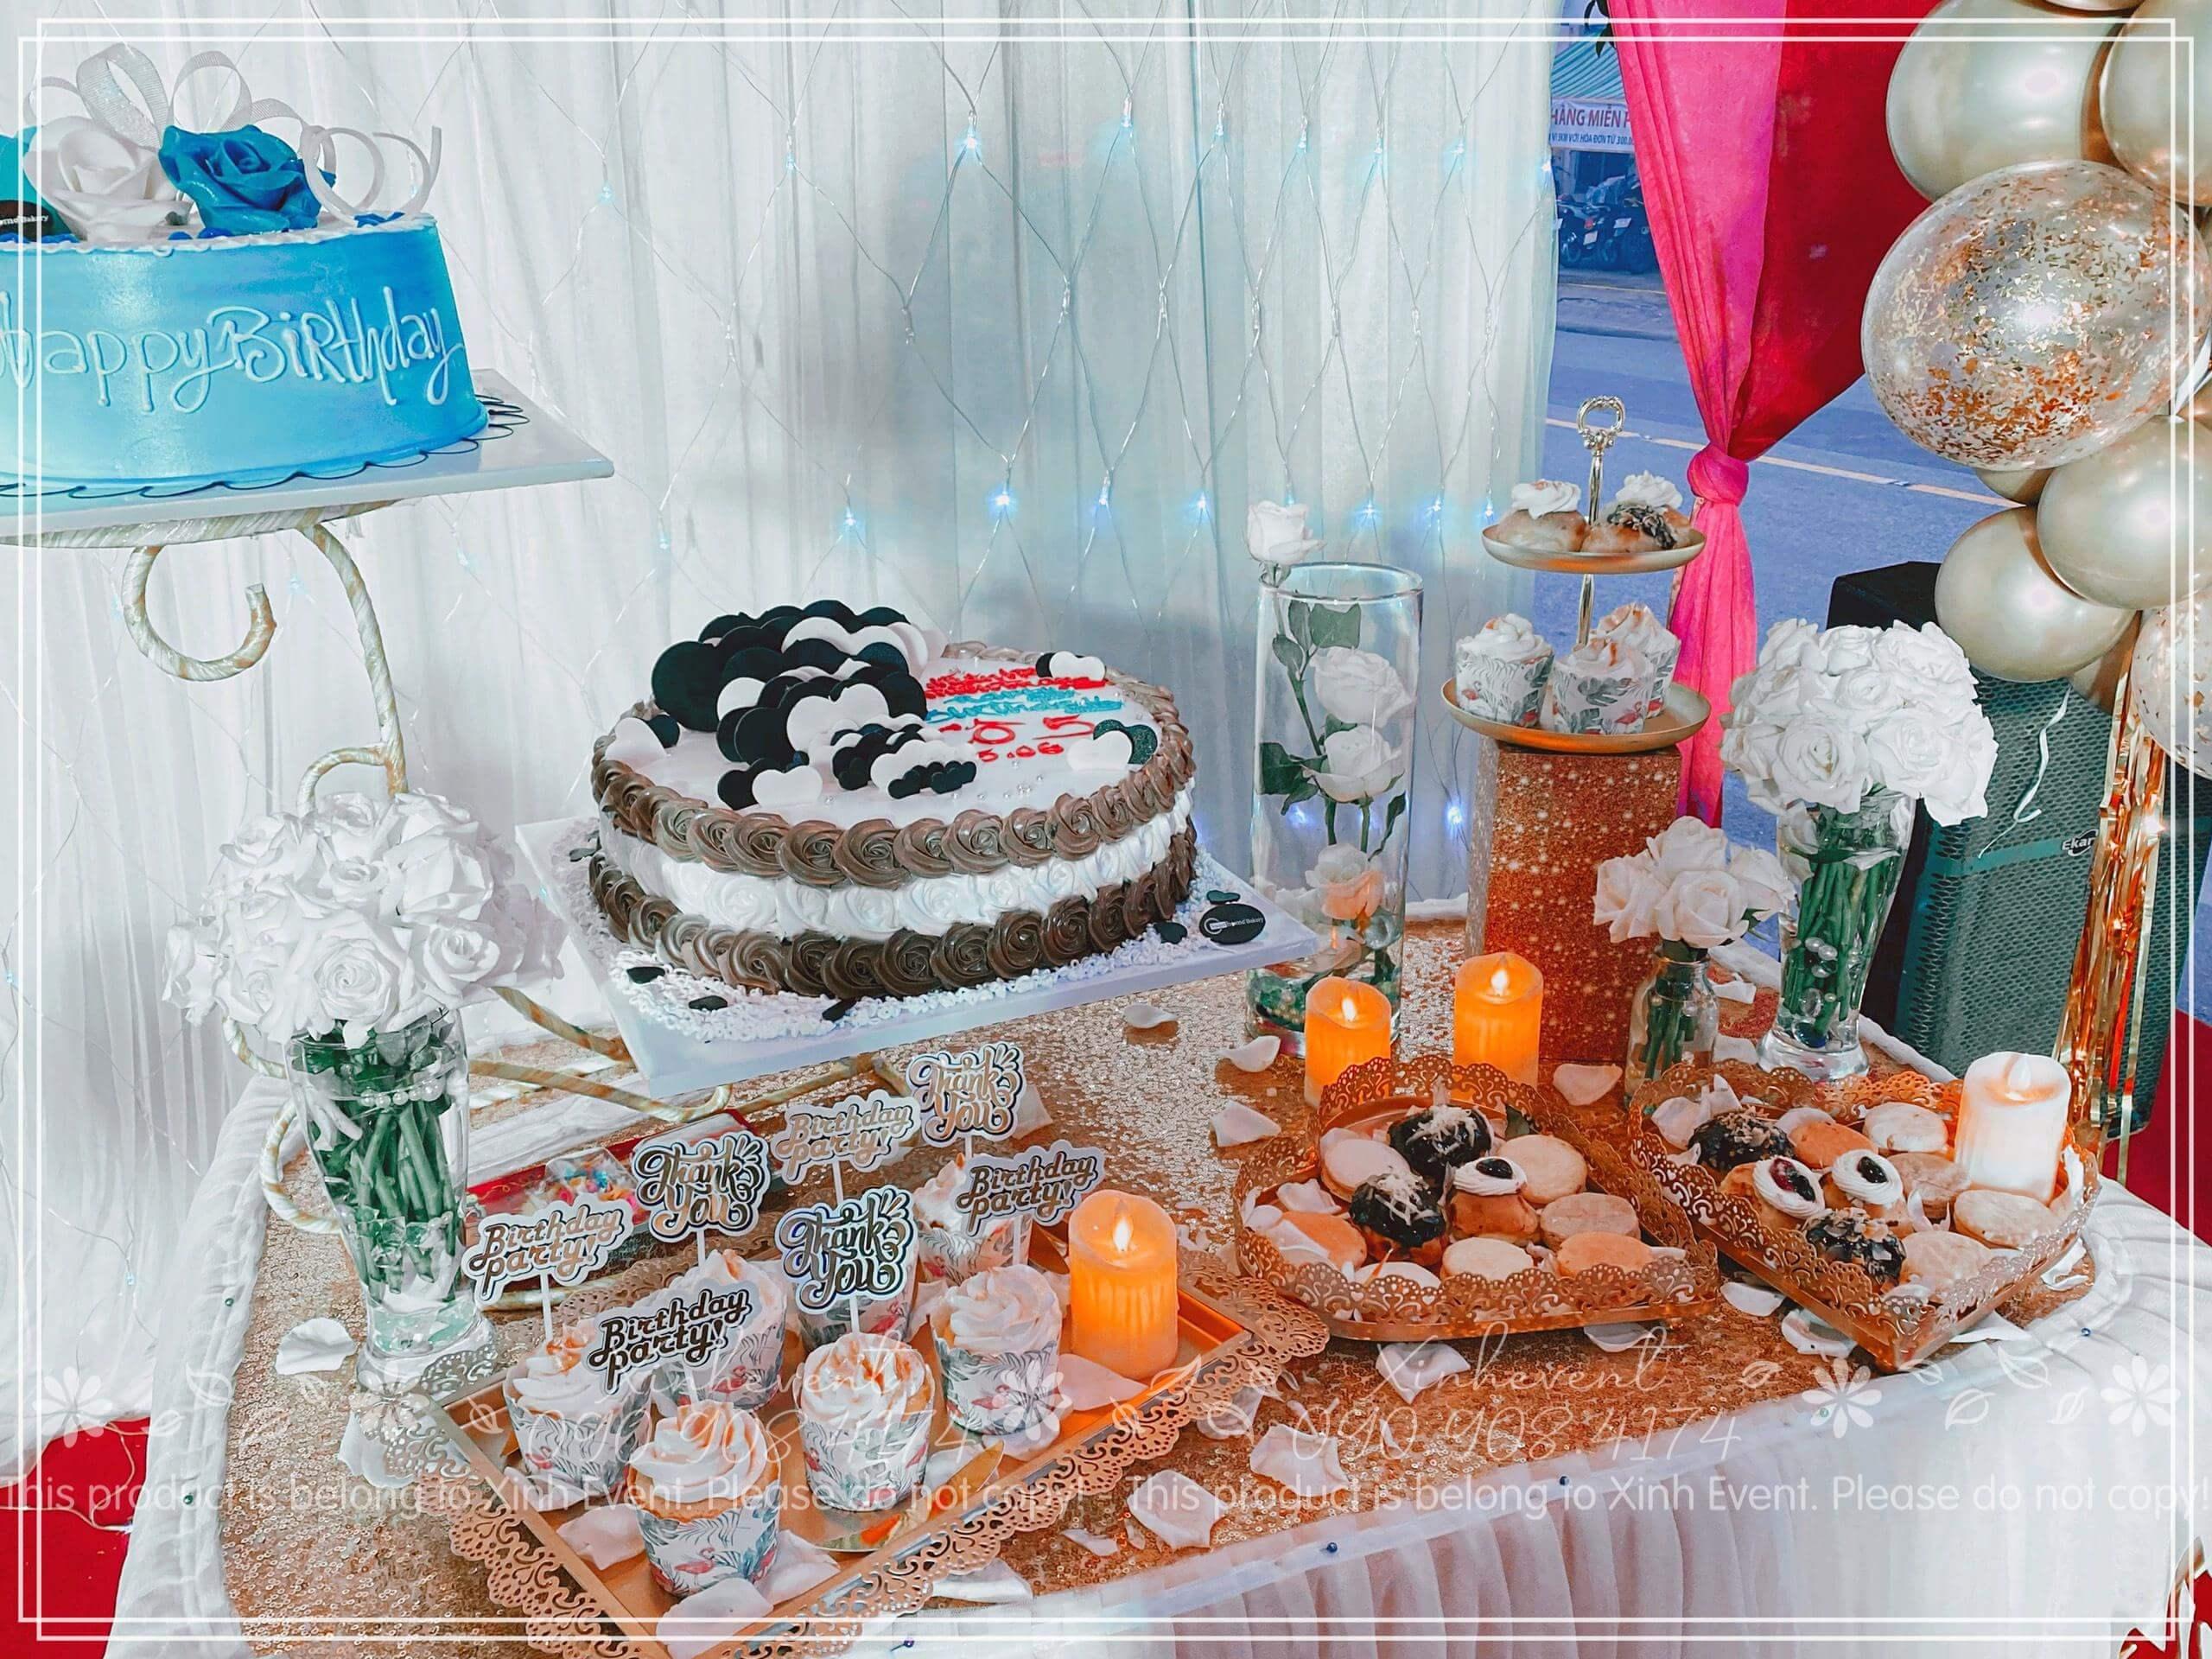 Hình ảnh chiếc bàn sinh nhật sang trọng